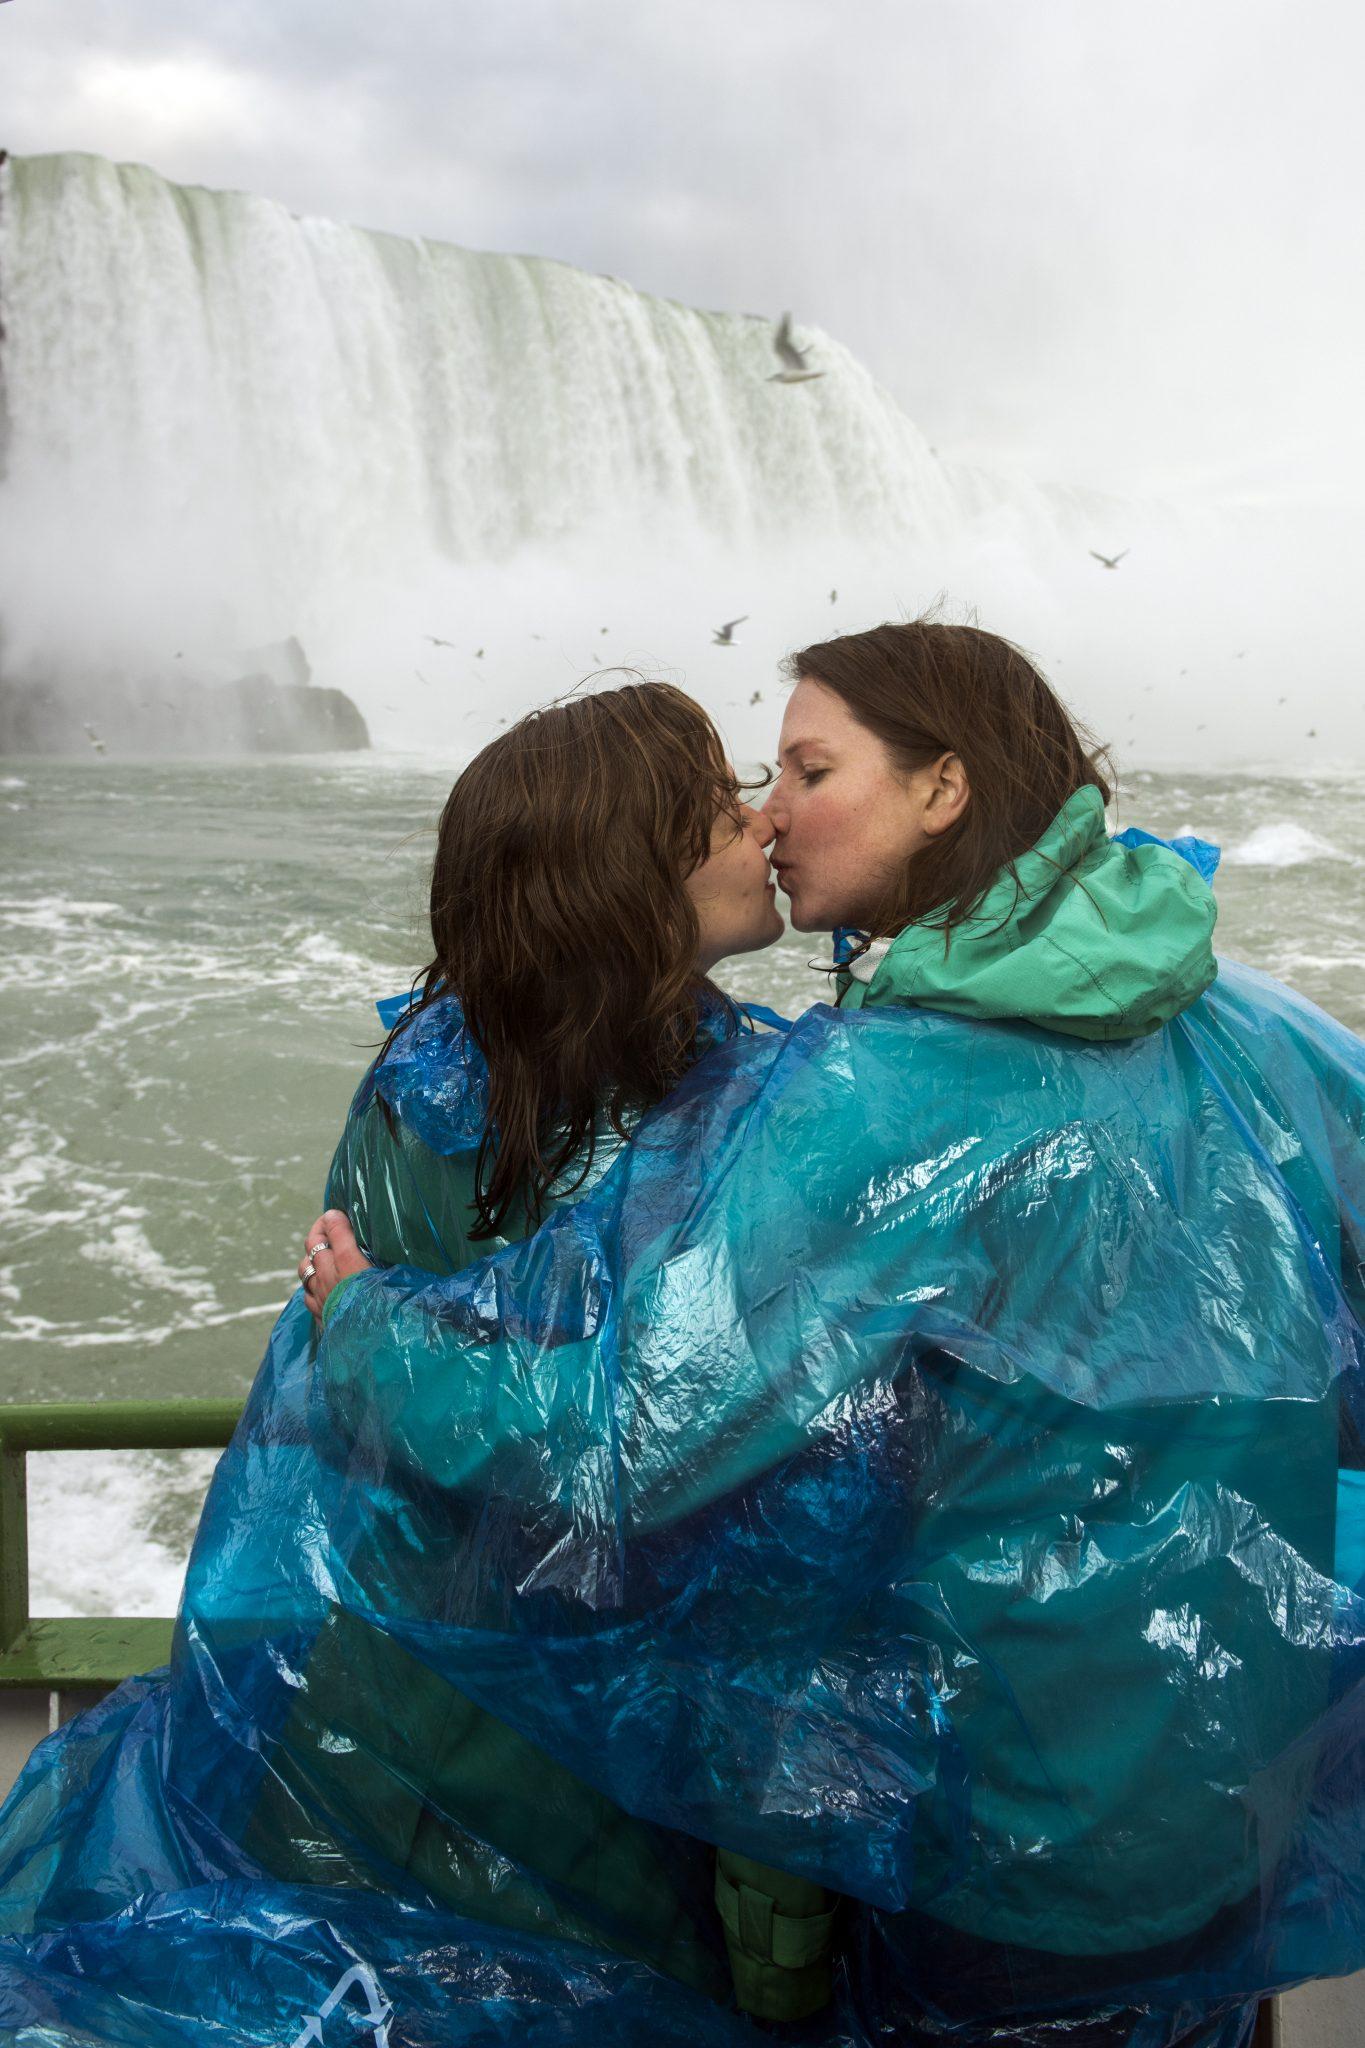 women kissing Niagara Falls